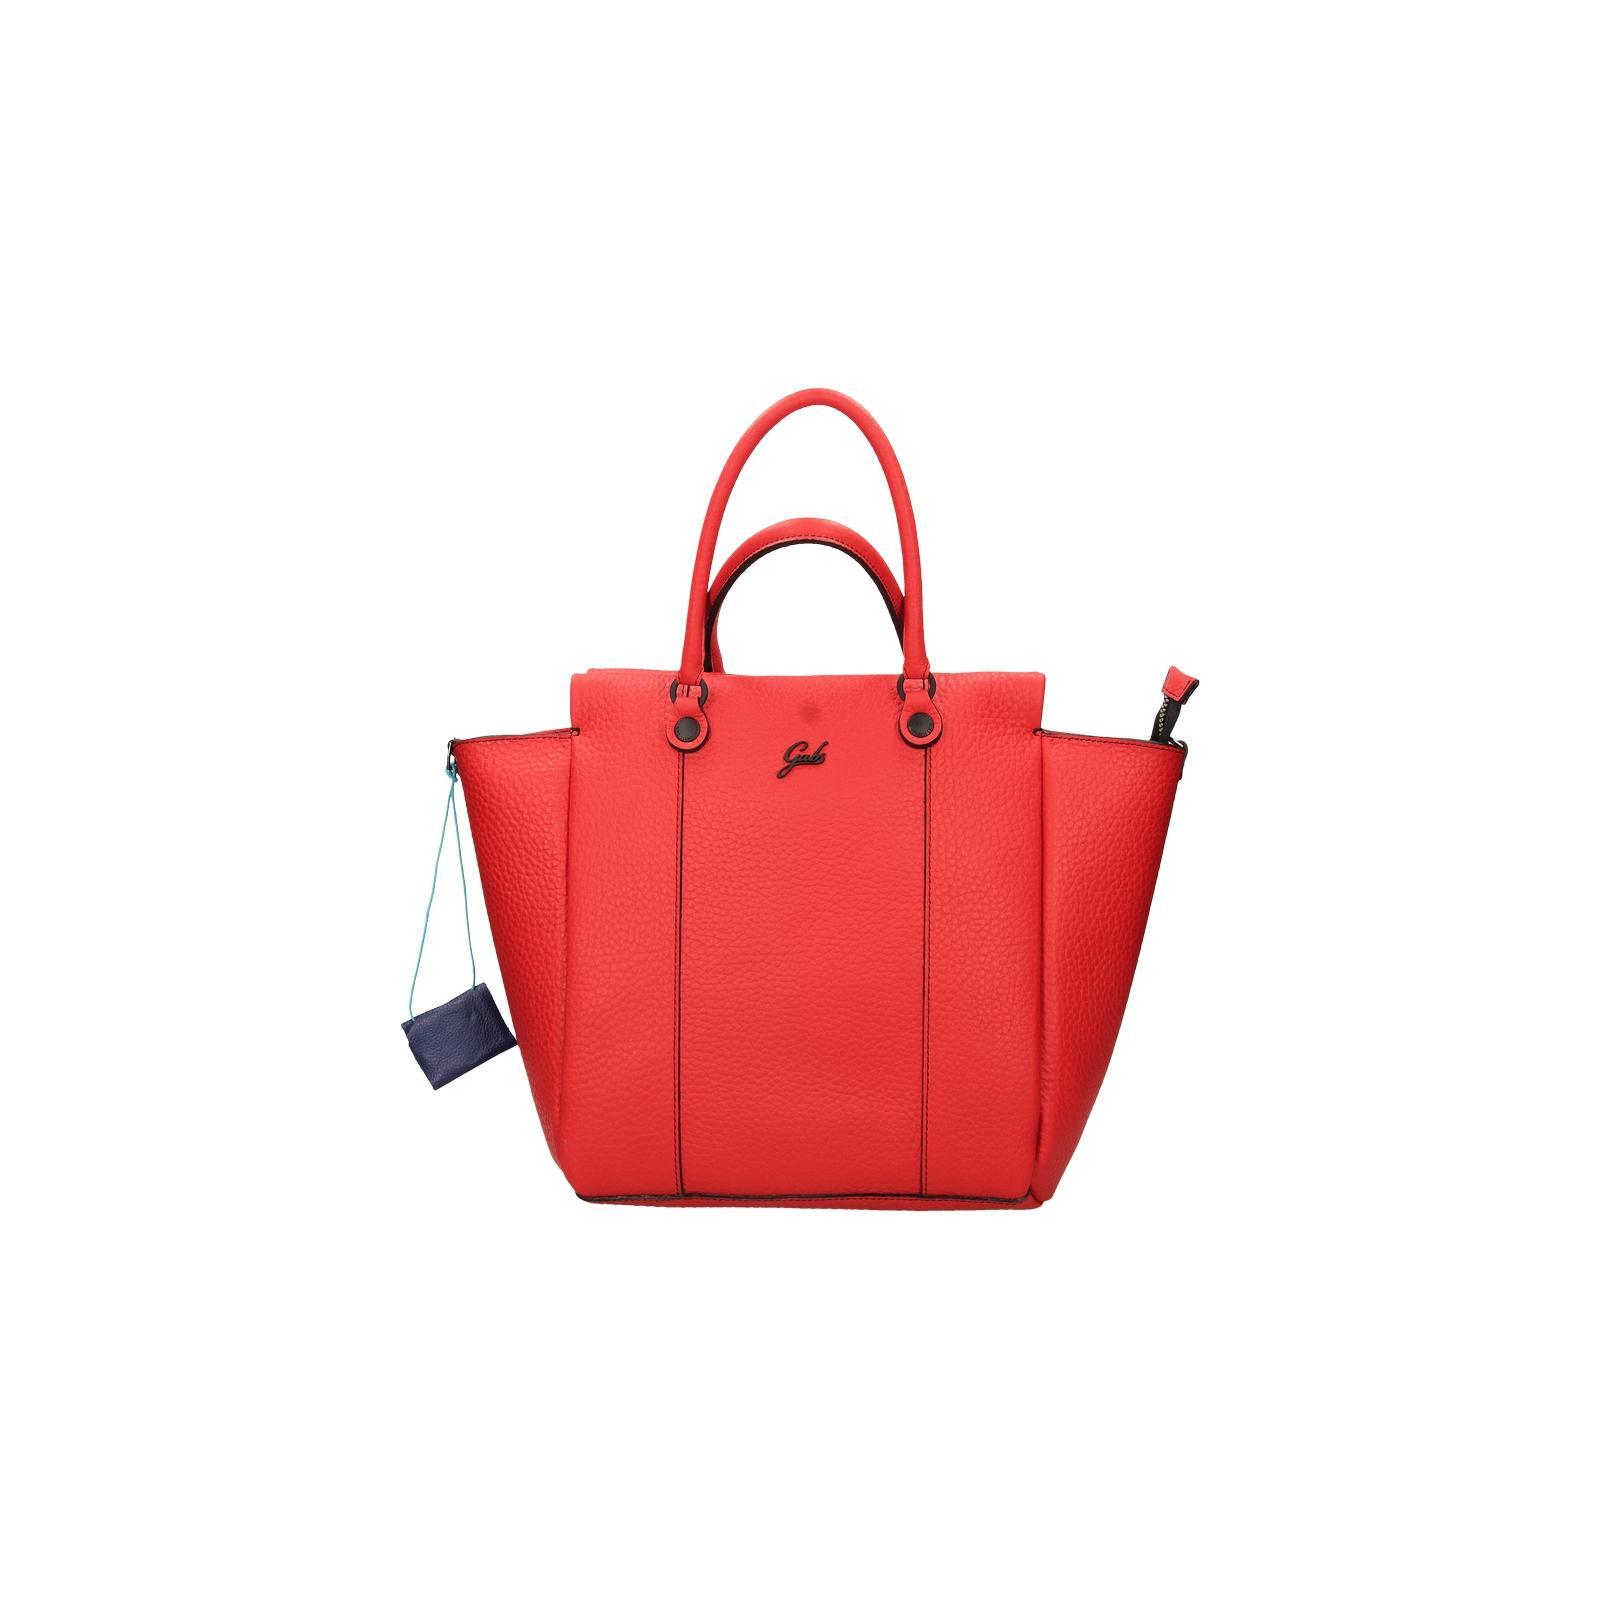 c4011-rosso